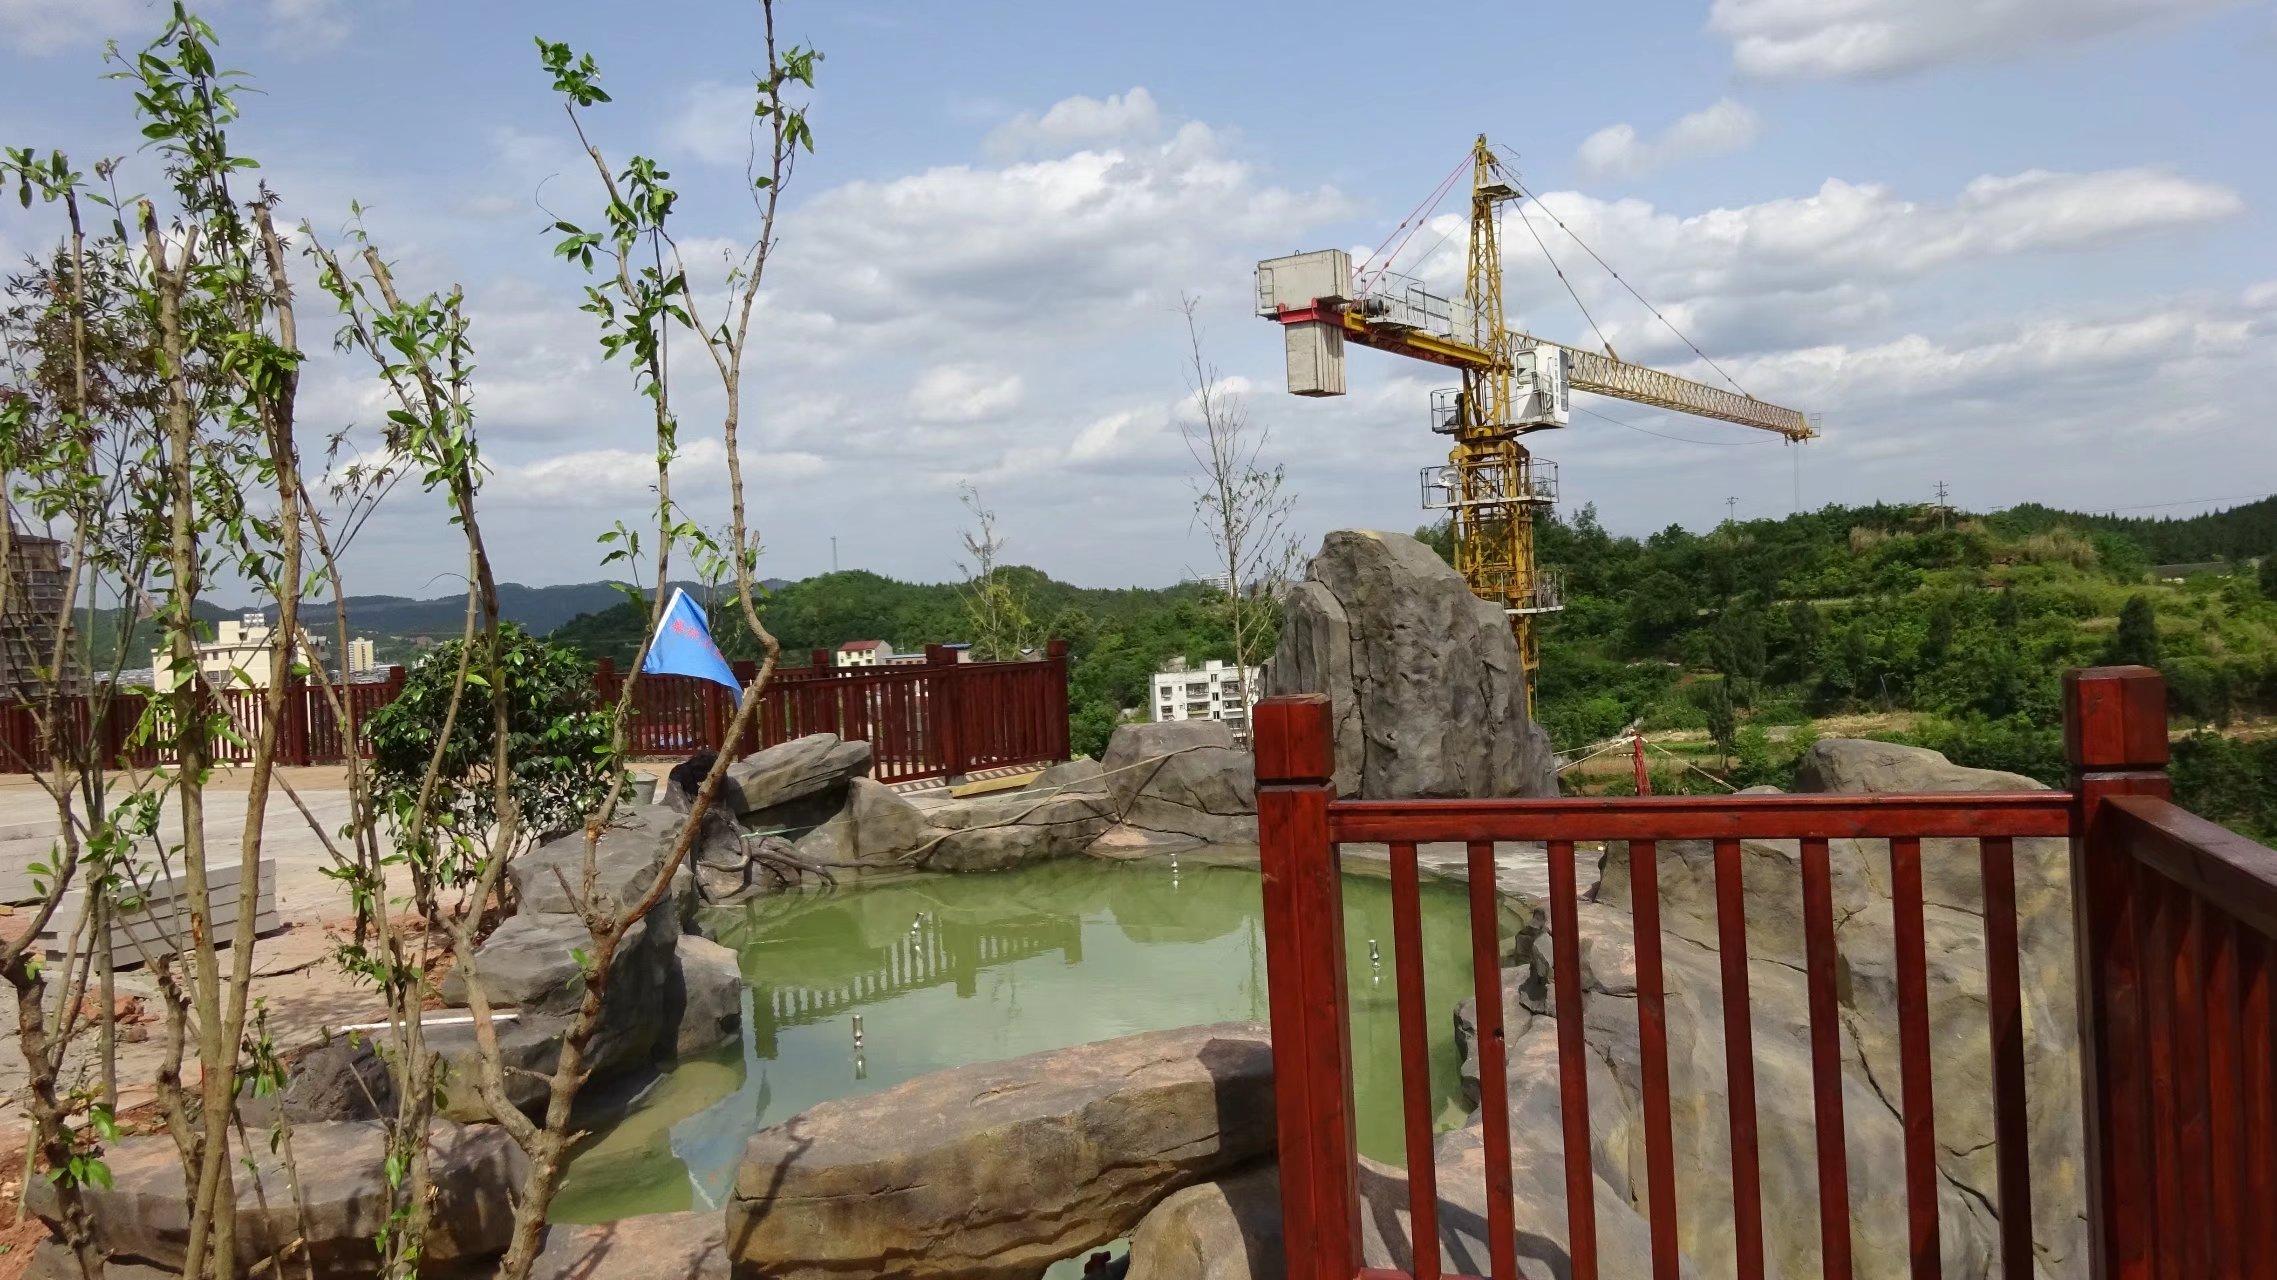 蓬安桑梓火锅公园施工进度(2018-05-10) - 第24张    蓬安在线